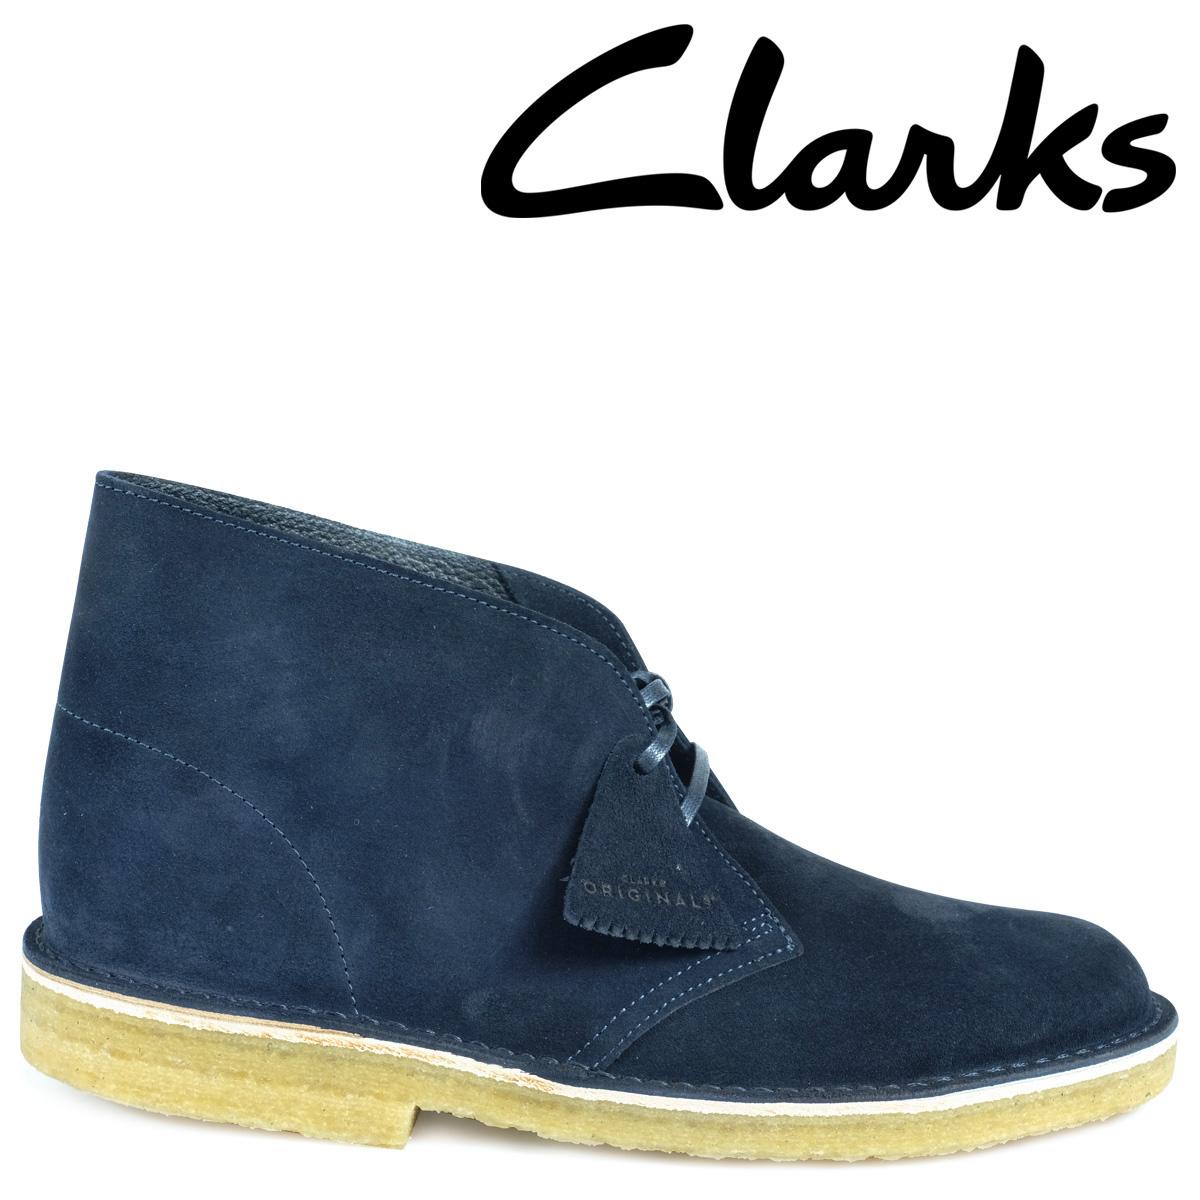 Clarks デザートブーツ メンズ クラークス DESERT BOOT 26130007 レザー 靴 ダークブルー